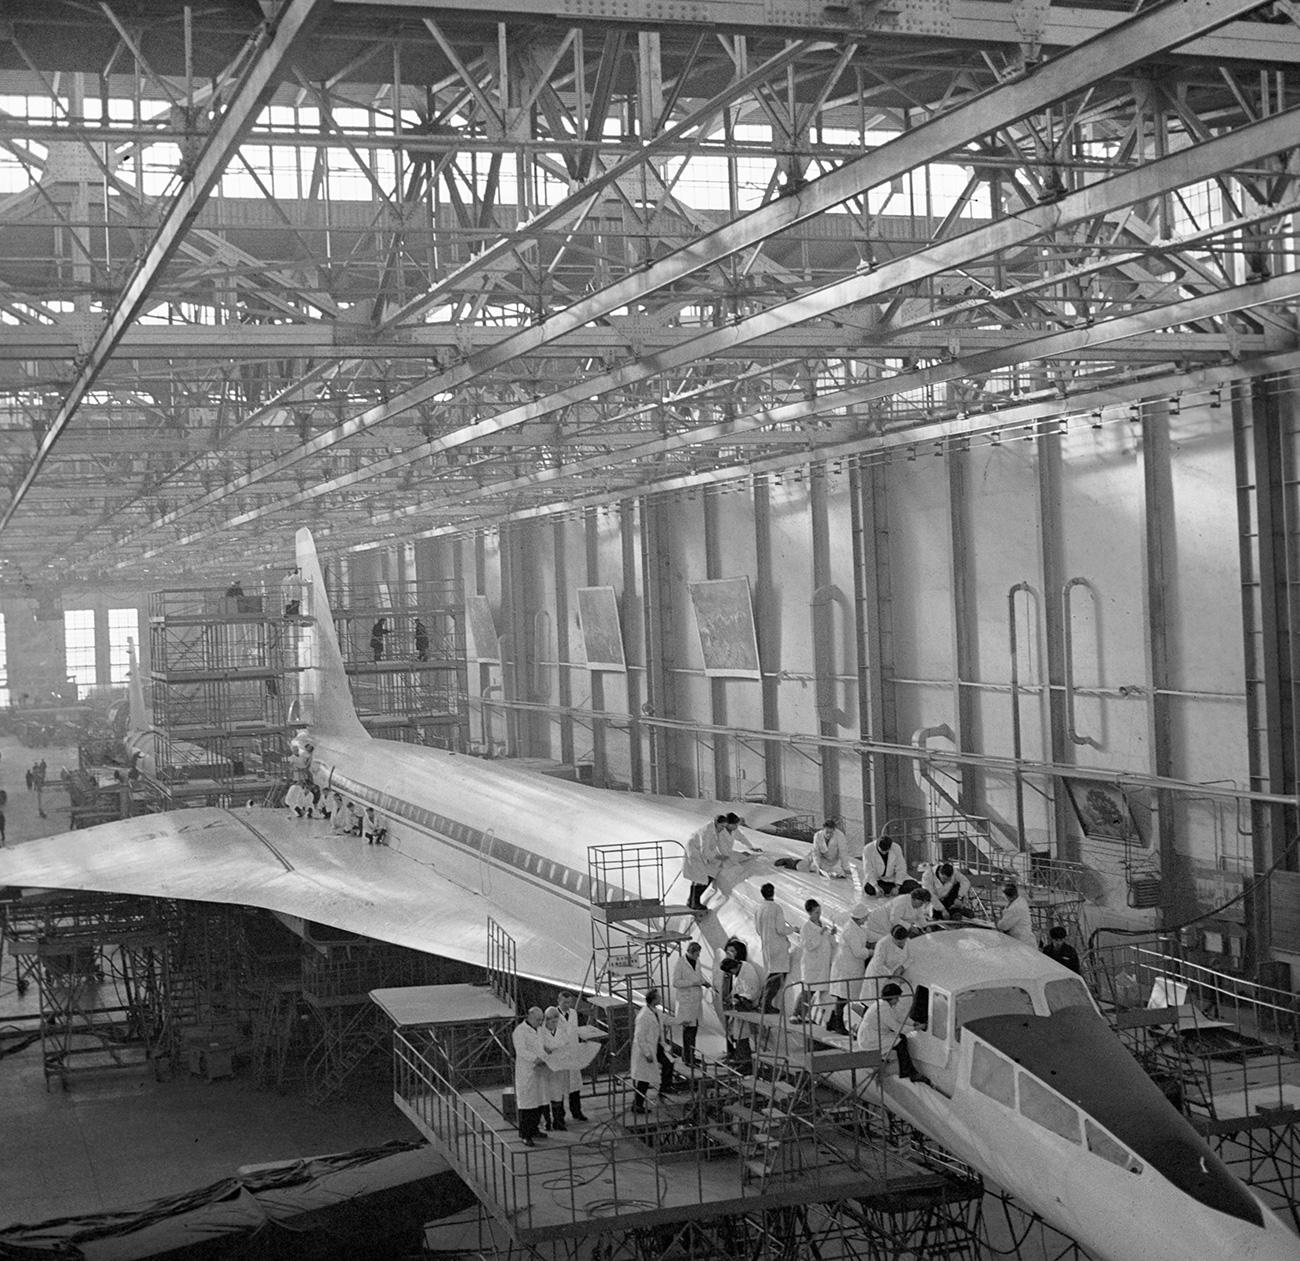 Strokovnjaki Voroneške tovarne letal sestavljajo nadzvočno letalo Tupoljev Tu-144. Vir: Jurij Ivanov / RIA Novosti